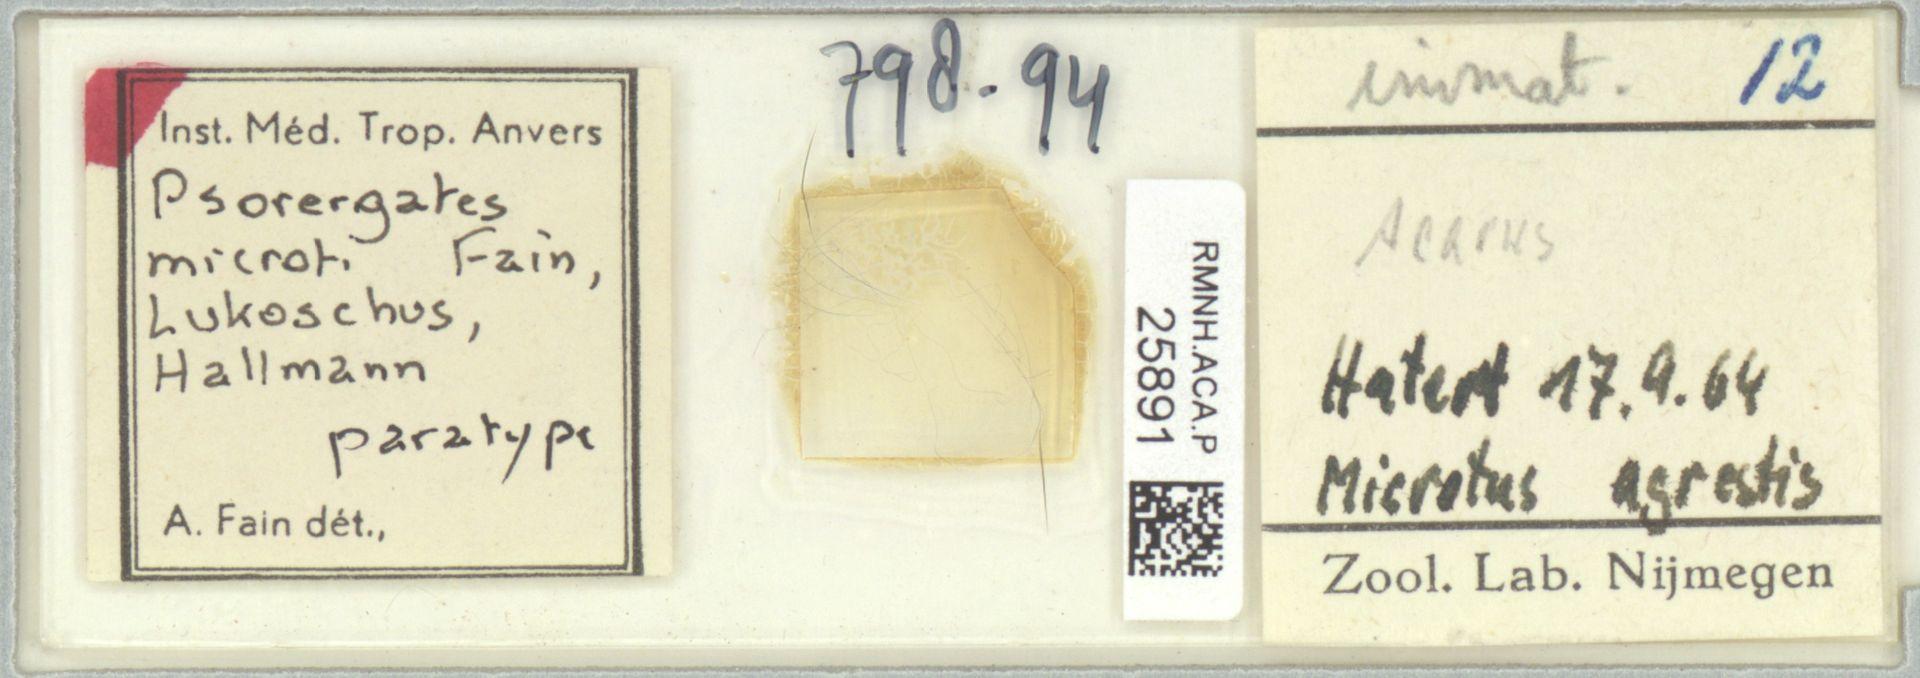 RMNH.ACA.P.25891 | Psorergates microti Fain, Lukoschus, Hallmann